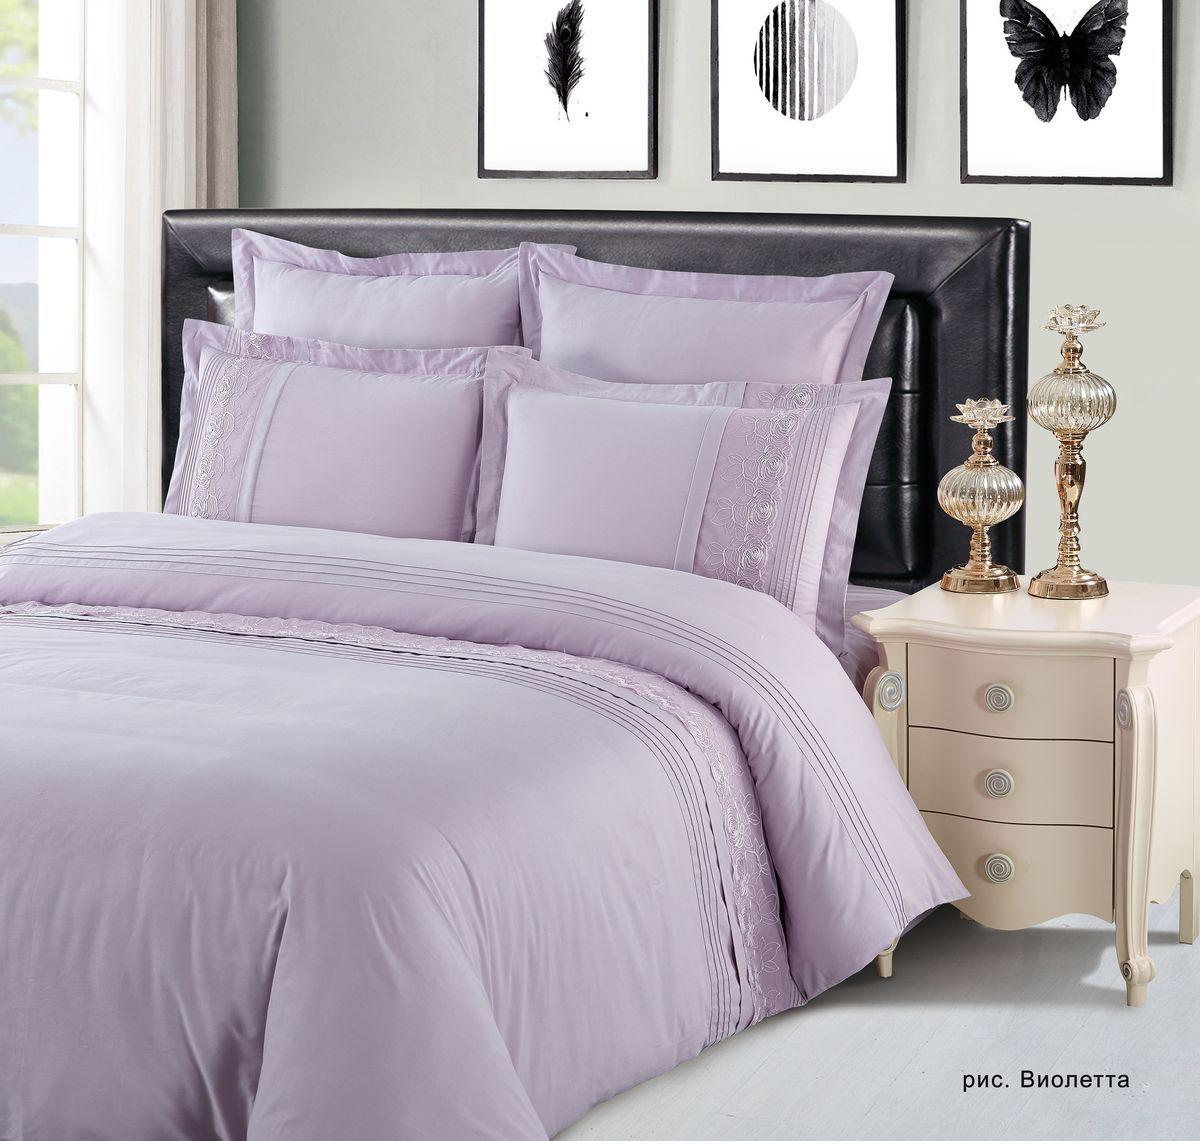 Комплект белья Василиса Виолетта, 2-х спальное, наволочки 50x70, 70x70. 142313 комплекты белья